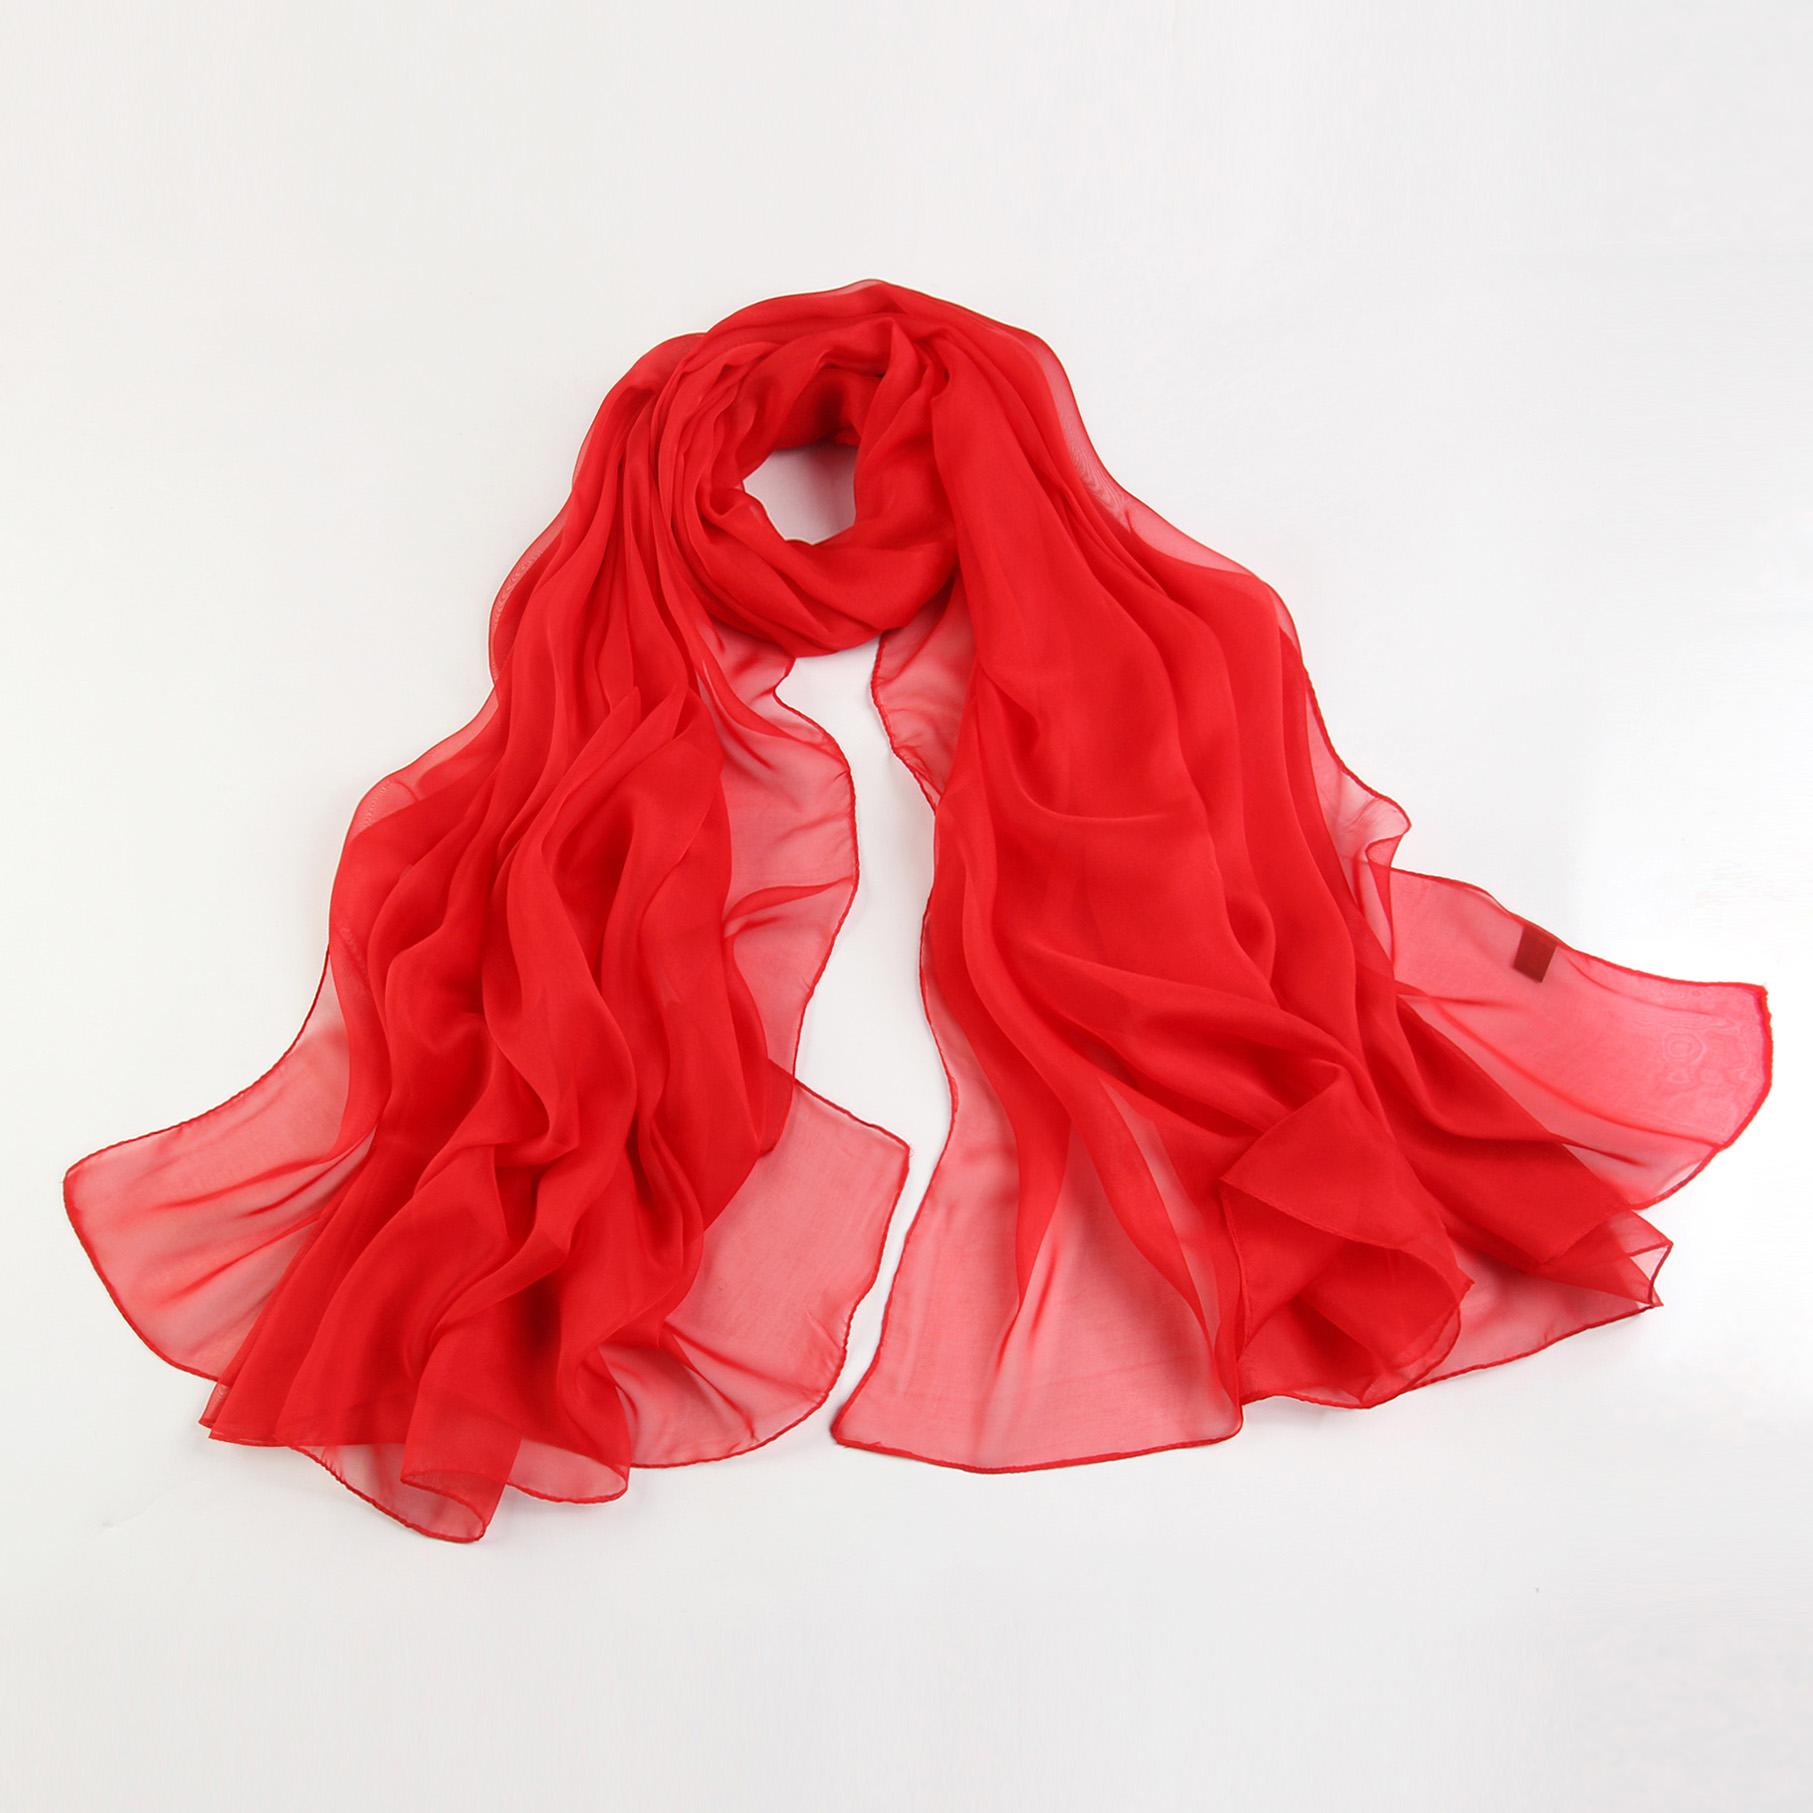 2018秋冬新款中国红色纱巾女长款多功能披肩韩版百搭丝巾外搭围巾